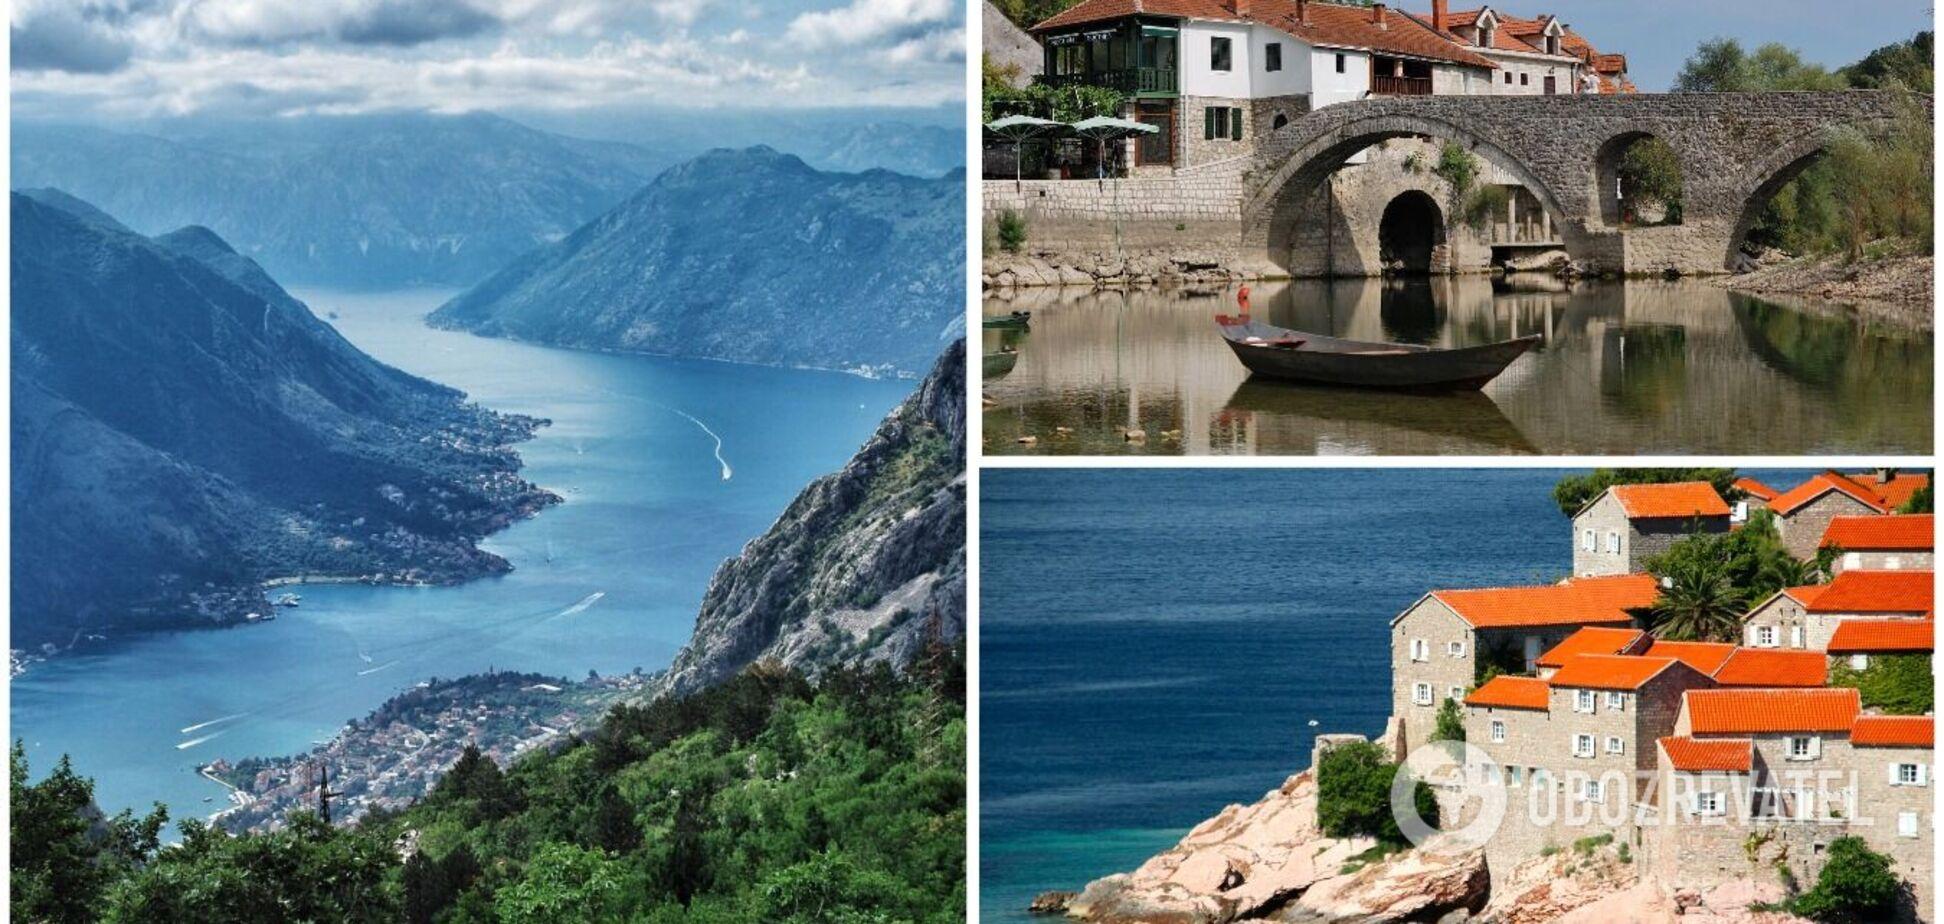 Відпочинок у Чорногорії: куди поїхати, ціни і найкращі місця для екскурсій